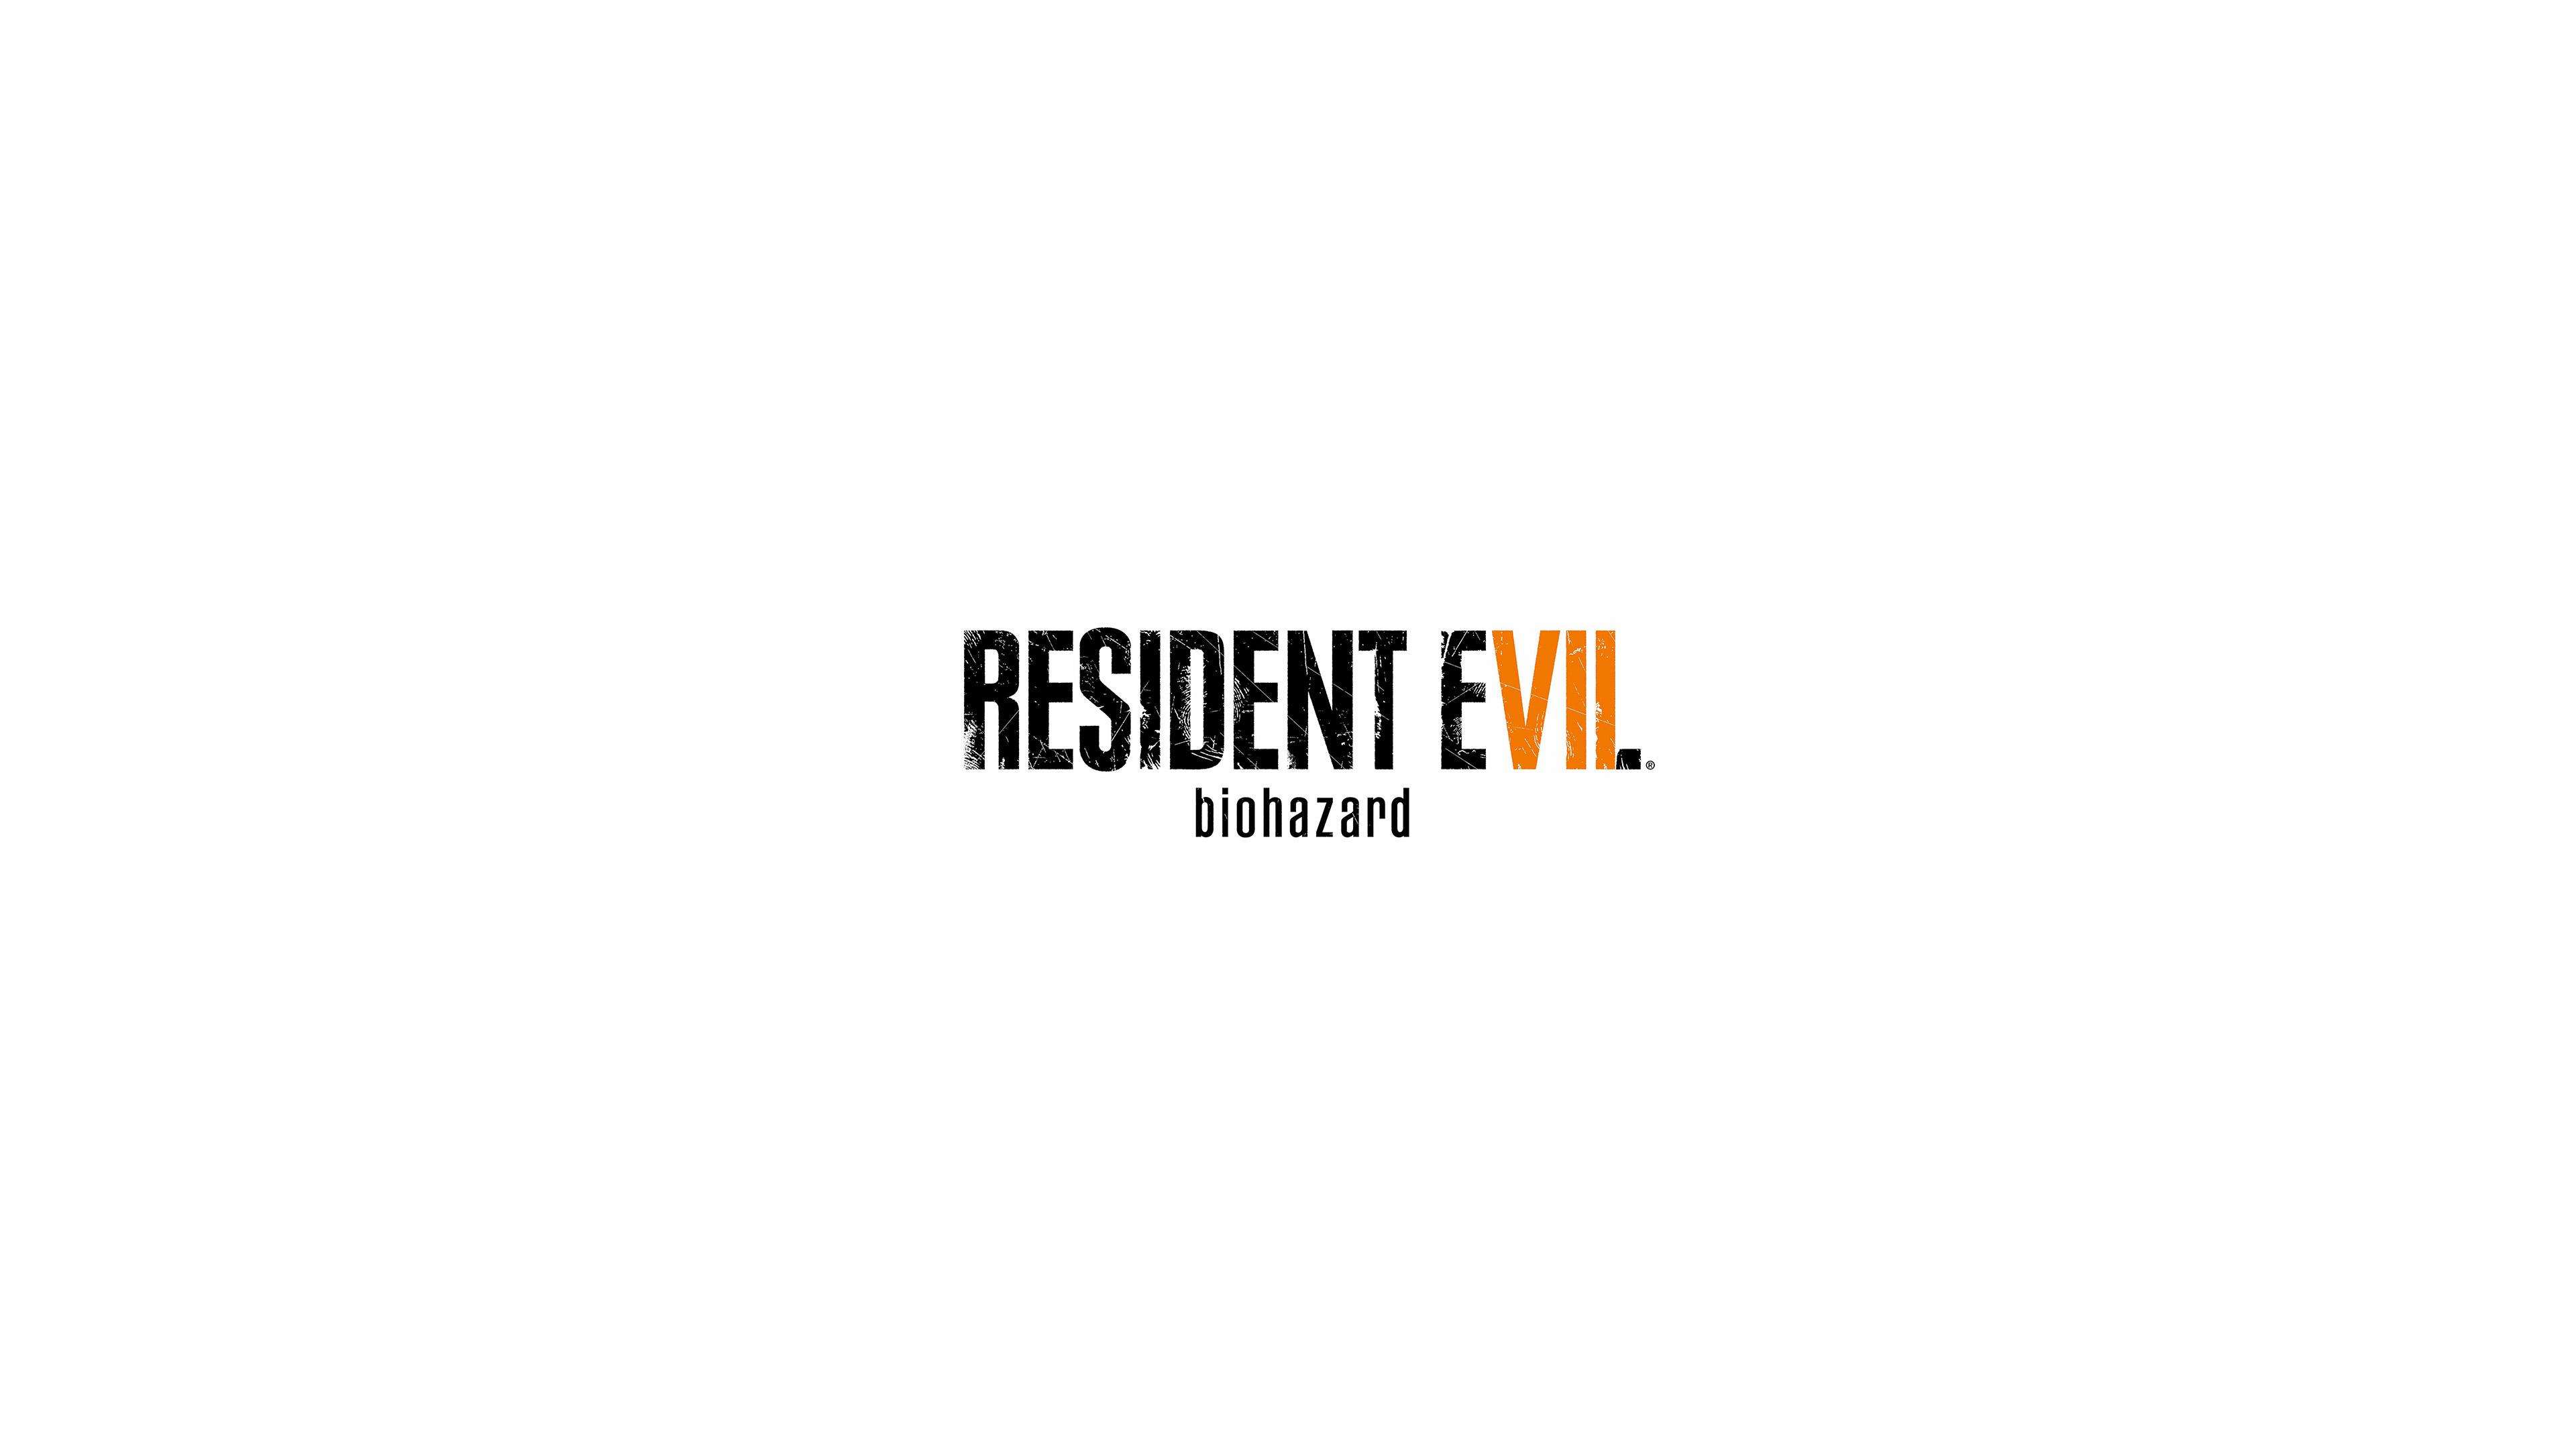 Resident Evil 7 wallpaper 9